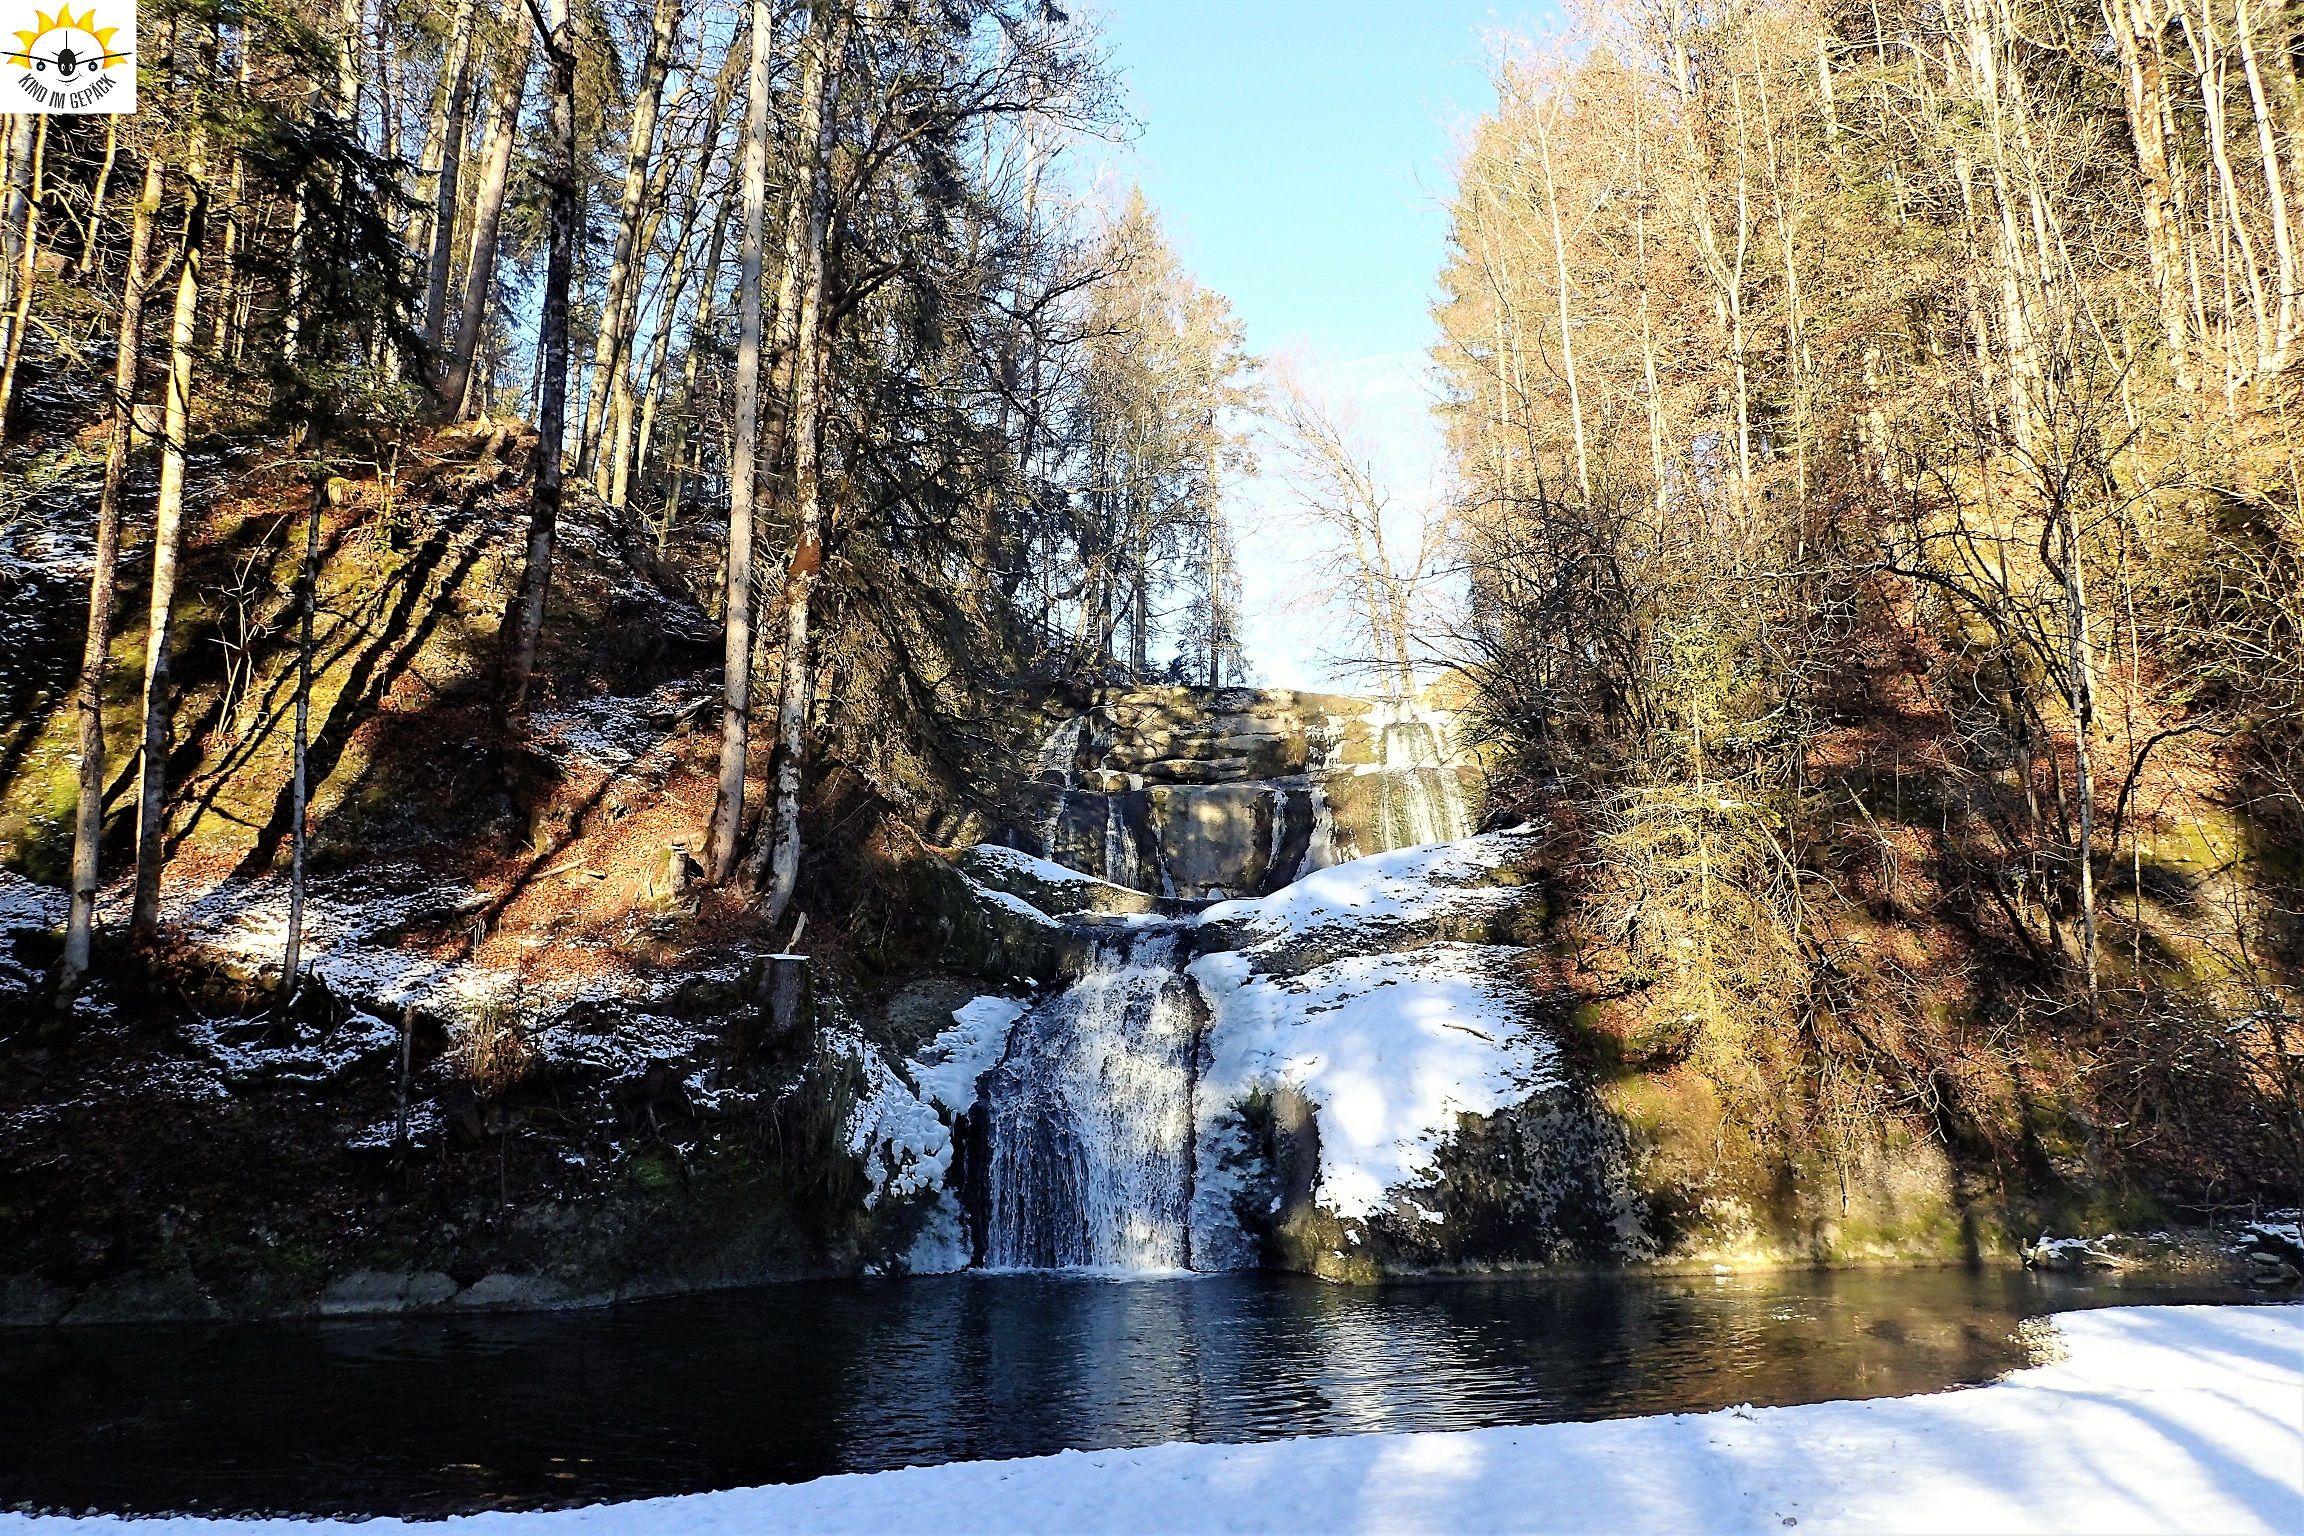 Die Eibeler Wasserfälle sind - zumindest im Sommer - drei Wasserfälle: - Der Krebswasserfall - der untere Eibelefall am Ortsanfang  - der obere  Eibelewasserfall an der Grenze zu Vorarlberg  Der untere Wasserfall ist nur zu Hochwasserzeiten und zur Schneeschmelze richtig aktiv. Hier wird überschüssiges Wasser des Eibele-Stausees abgeleitet.